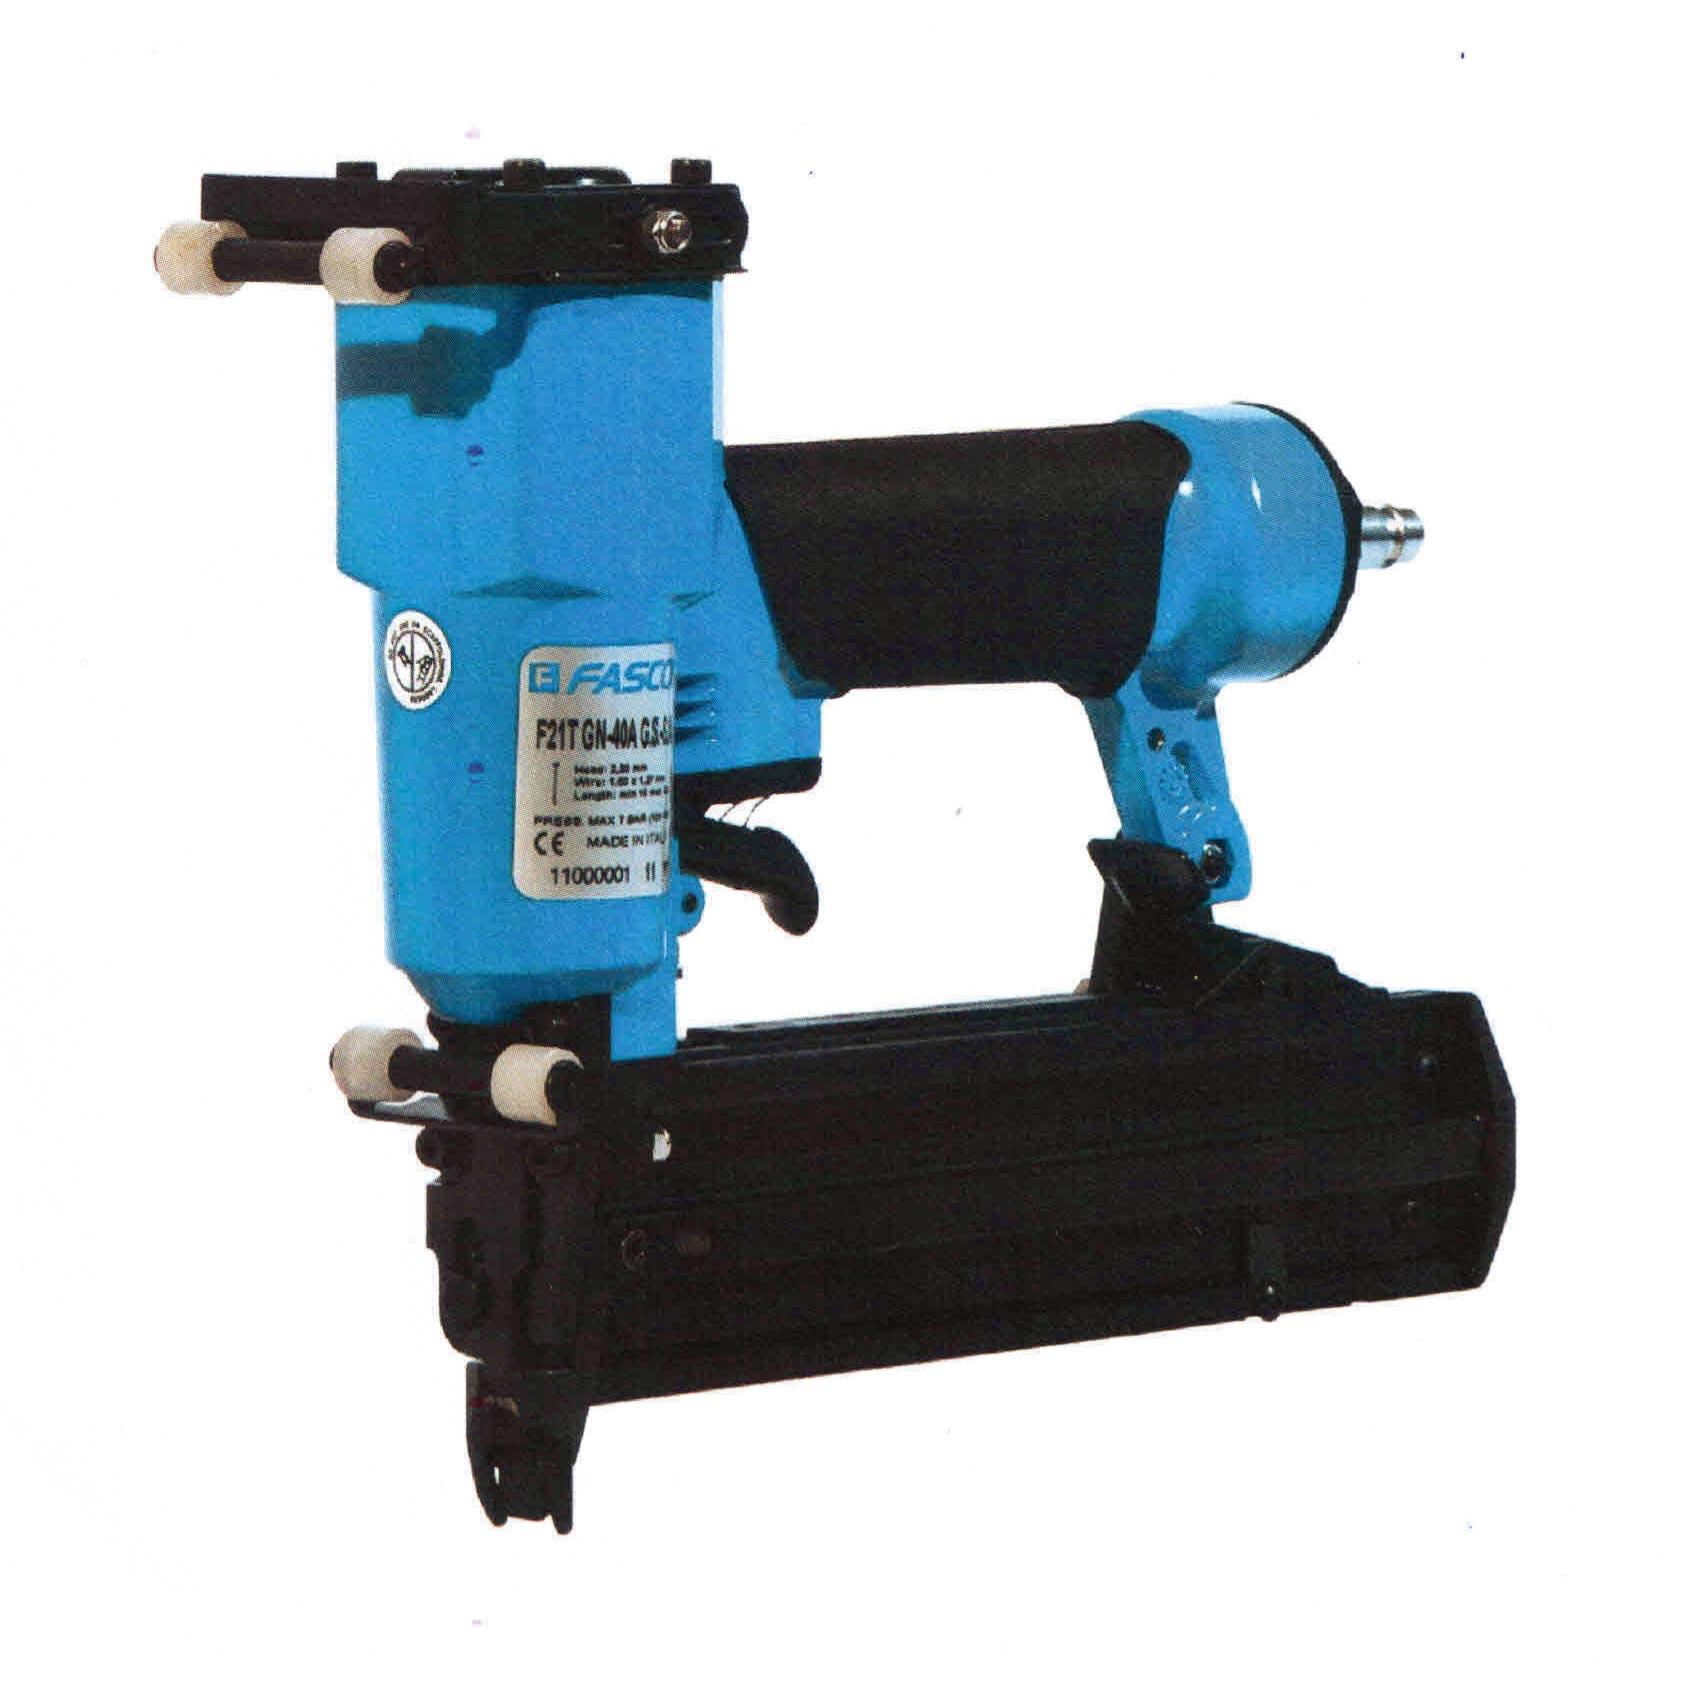 zasklívací pistole pro výrobce dřevěných oken